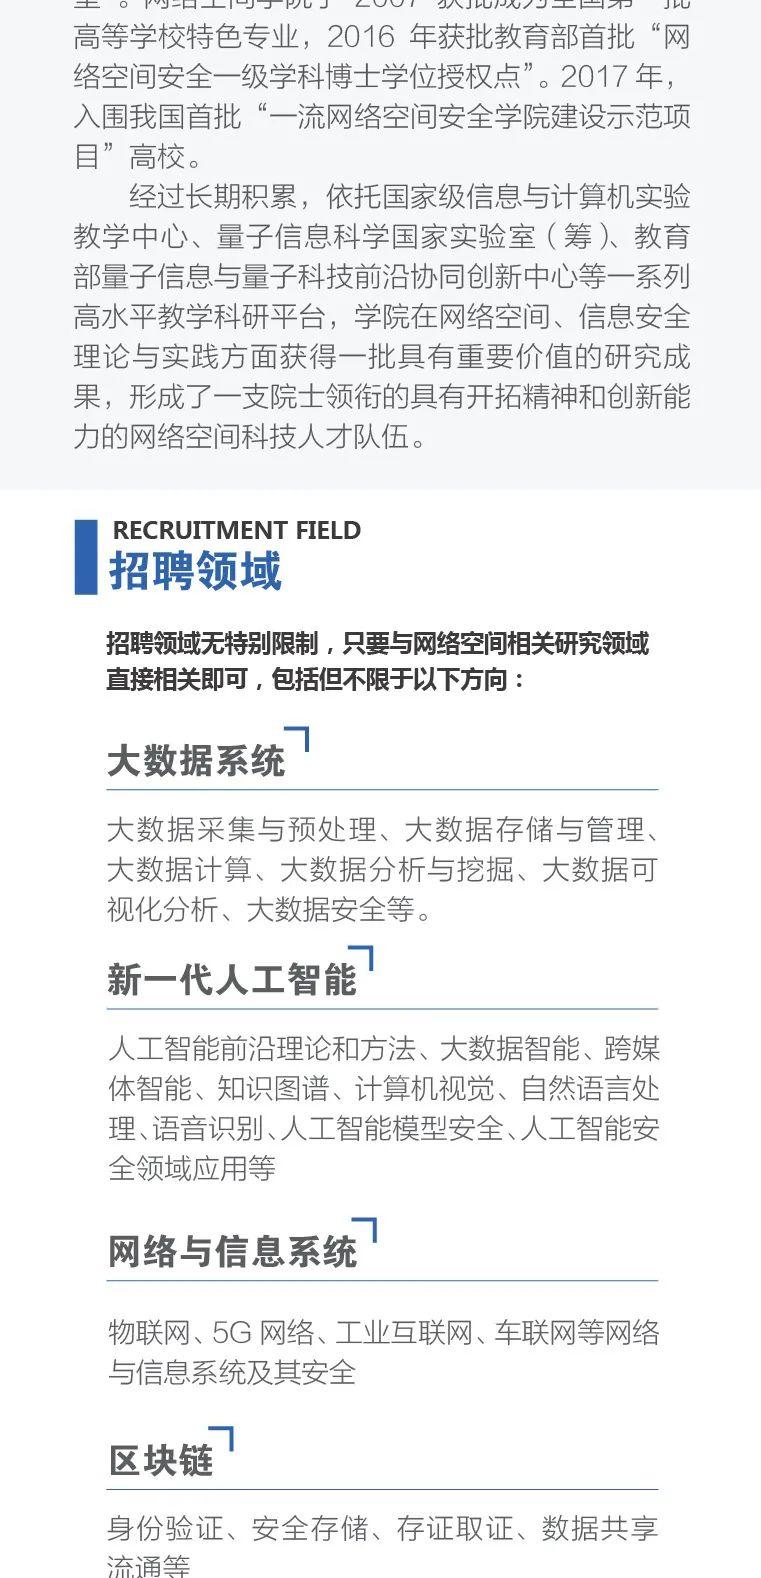 【就业资讯】中国科技大学网络空间学院诚聘英才!